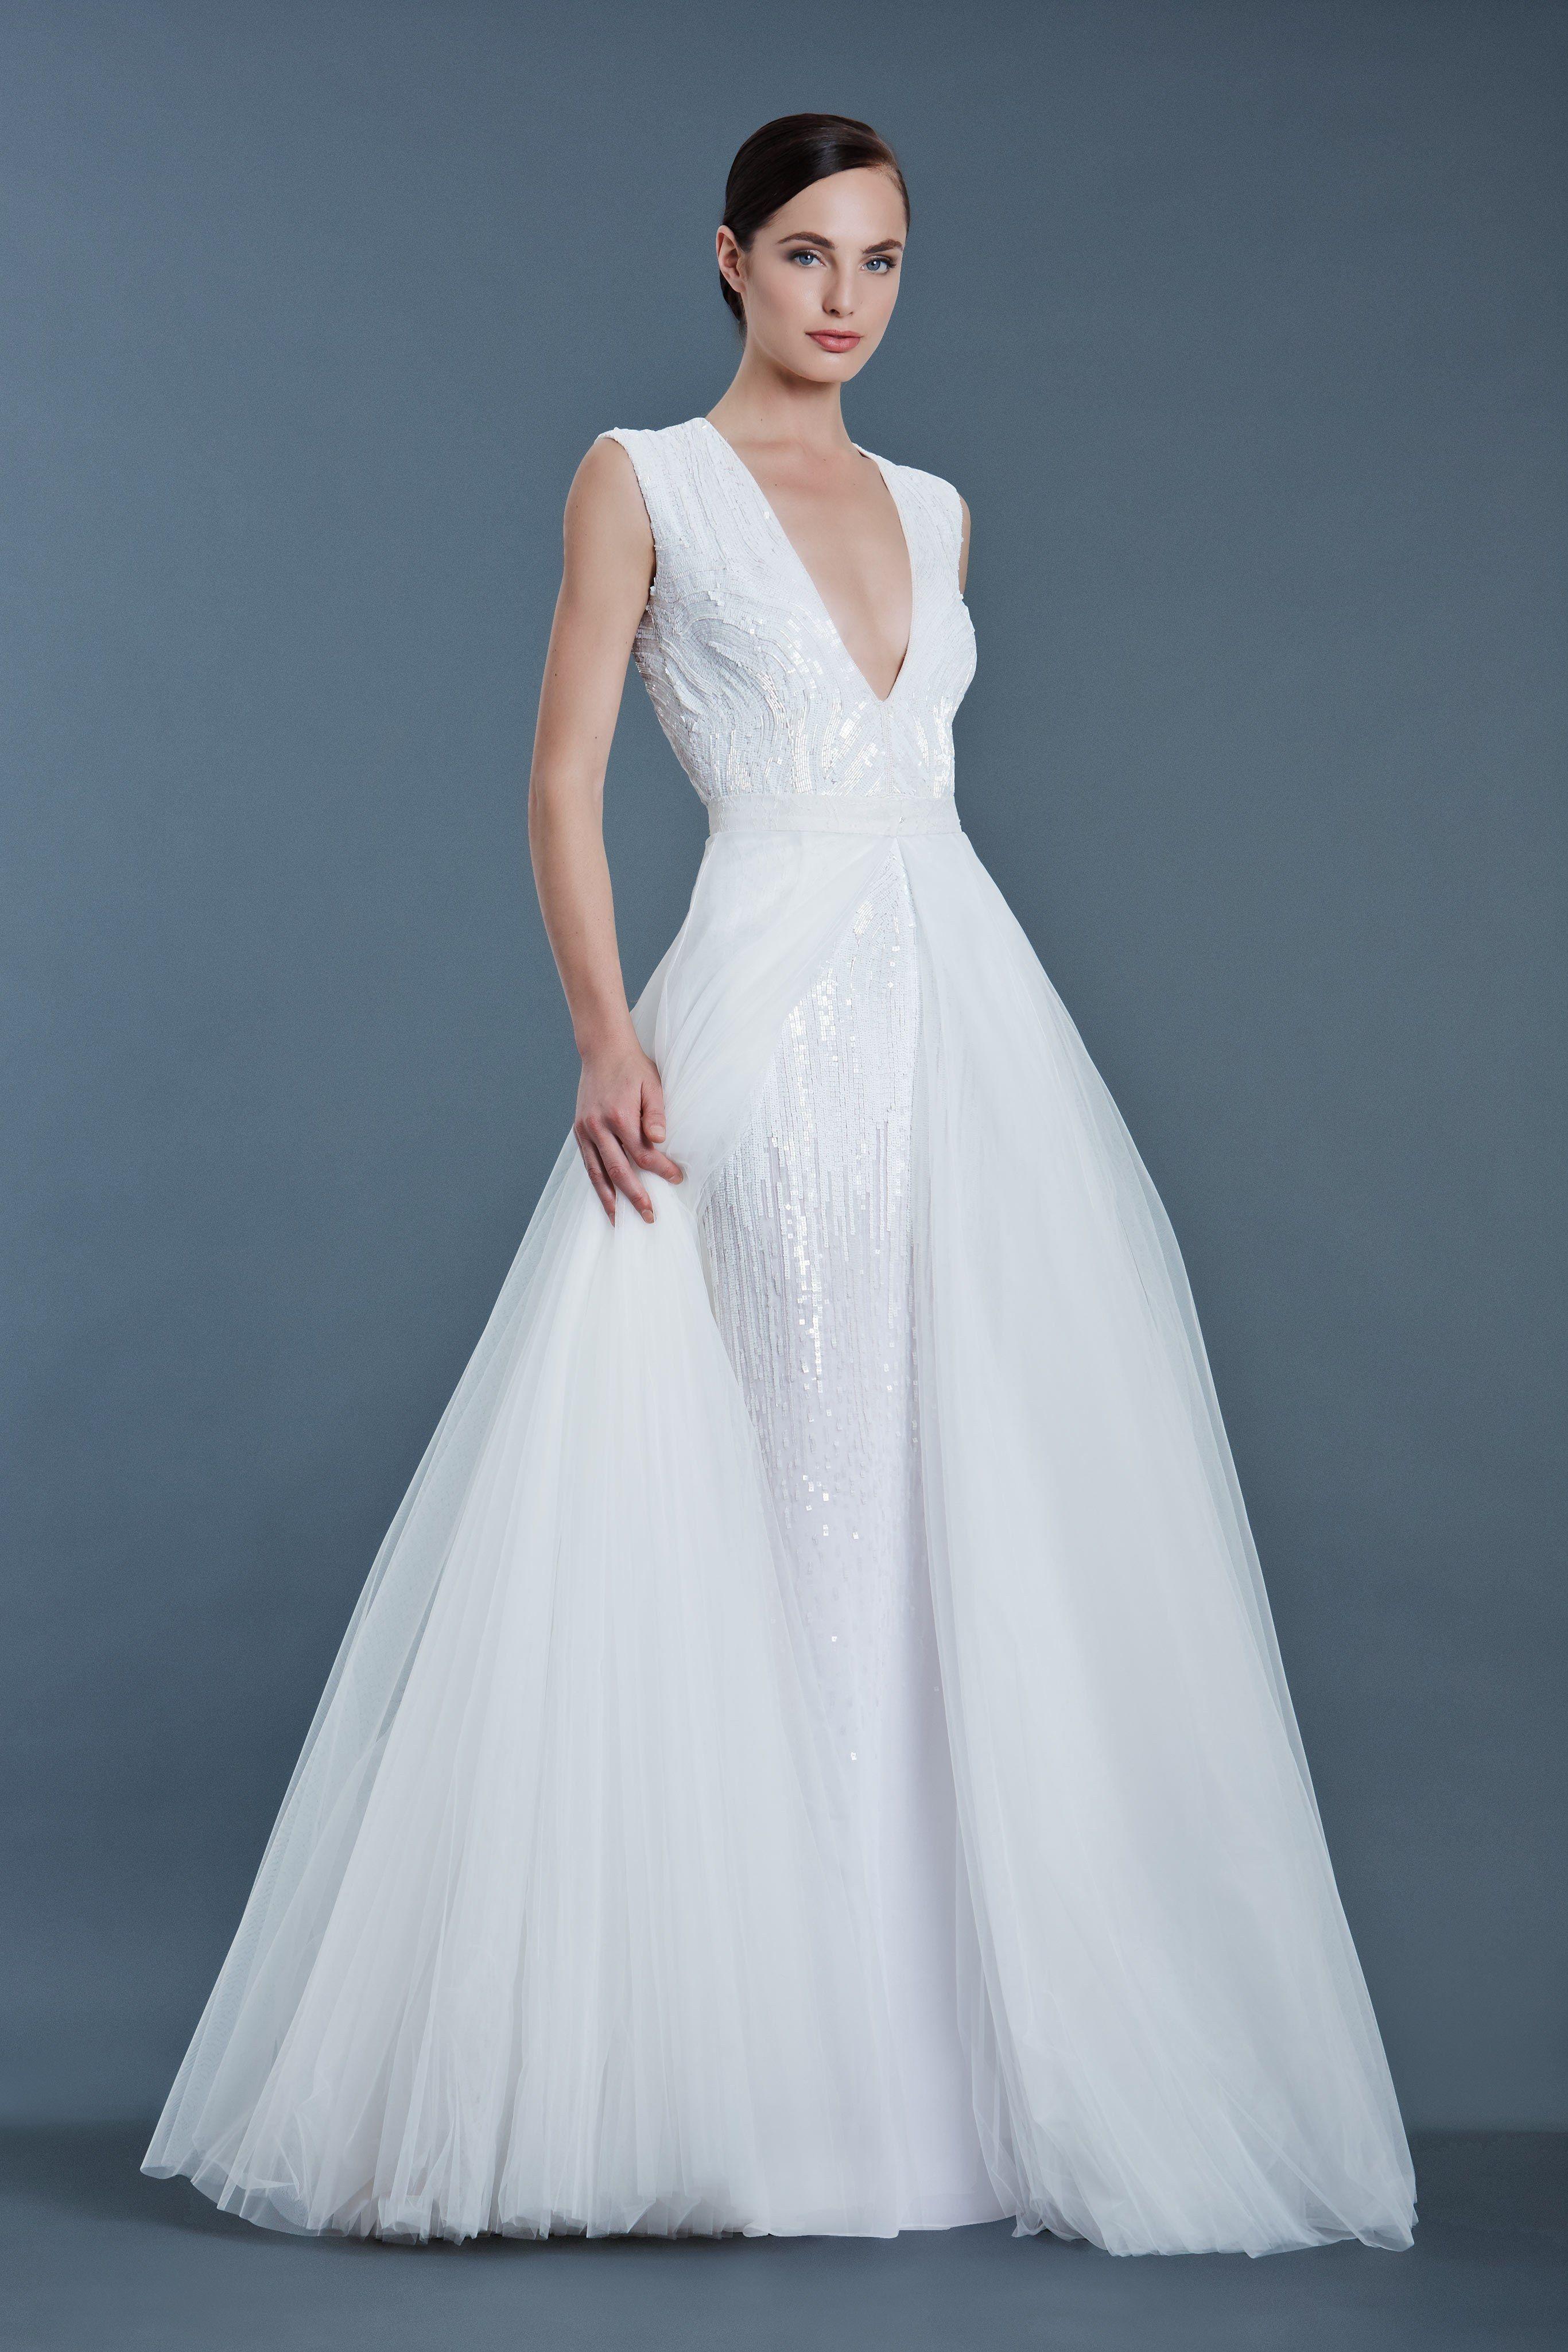 Fancy Modeca Wedding Dress Elaboration - All Wedding Dresses ...